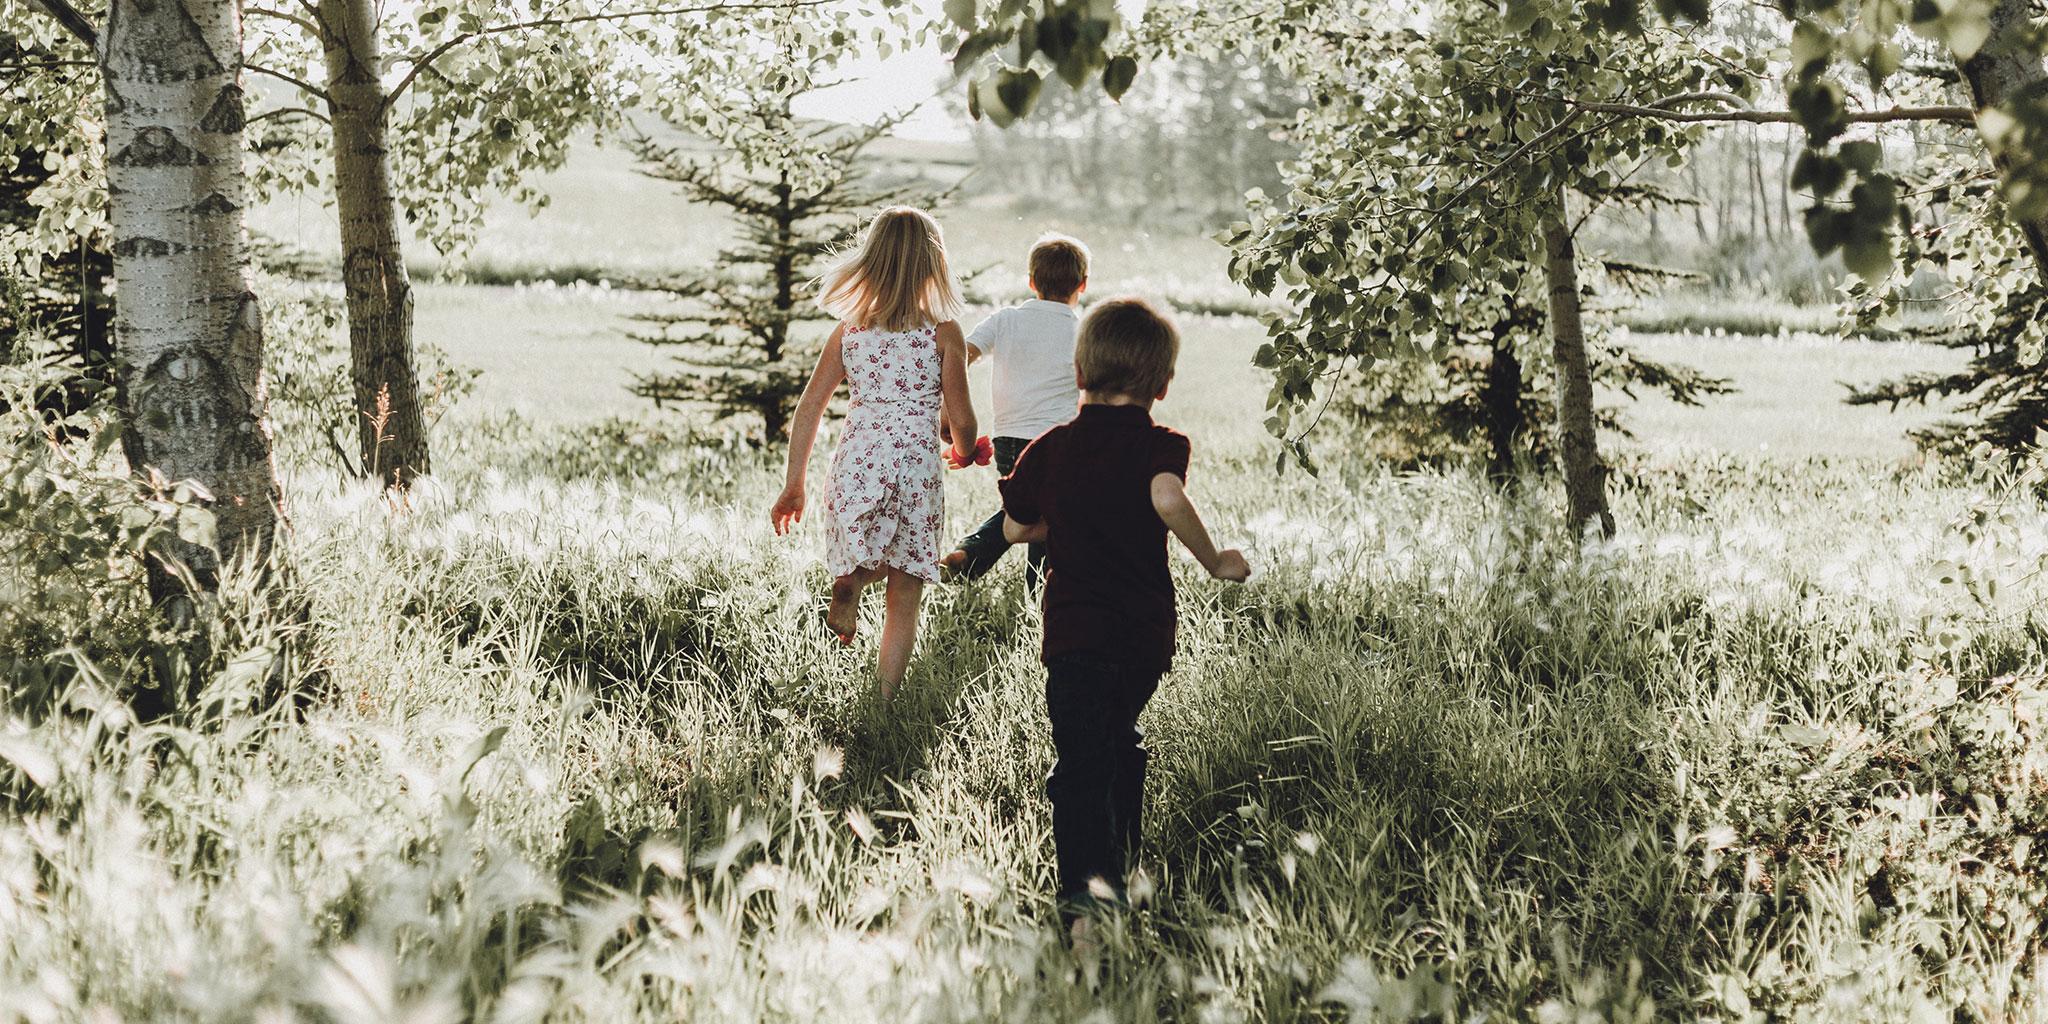 Enfants marchant dans la forêt